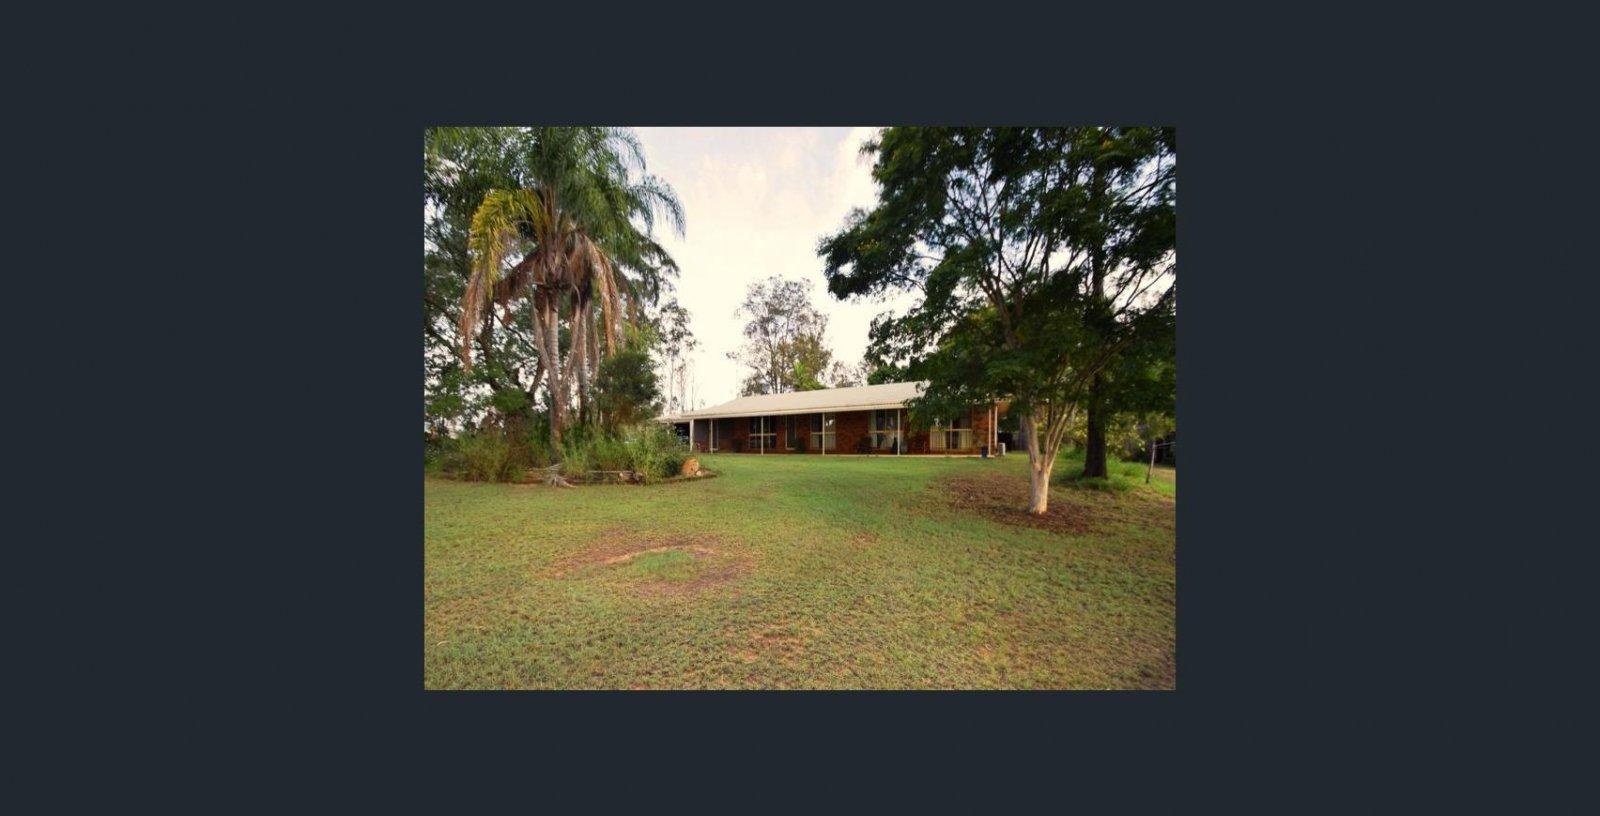 Lockyer Valley Fourth House Purchase in Australia